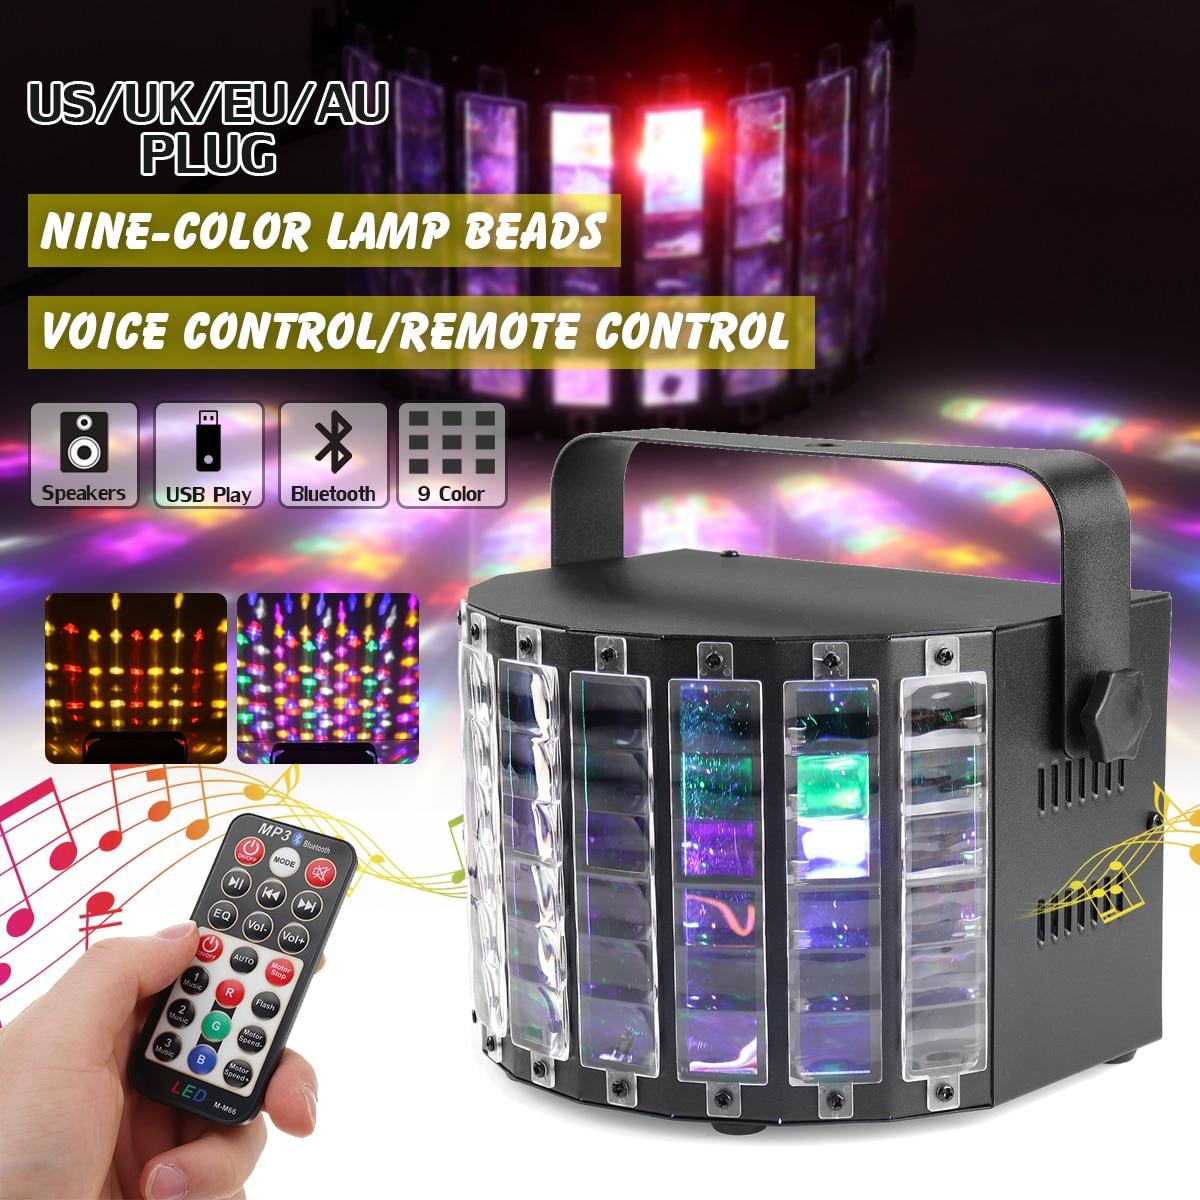 Disco Lumière led projecteur laser Sonore À Distance Controll Lumière Parti RVB éclairage de scène DJ Musique Support USB/SD bluetooth sans fil